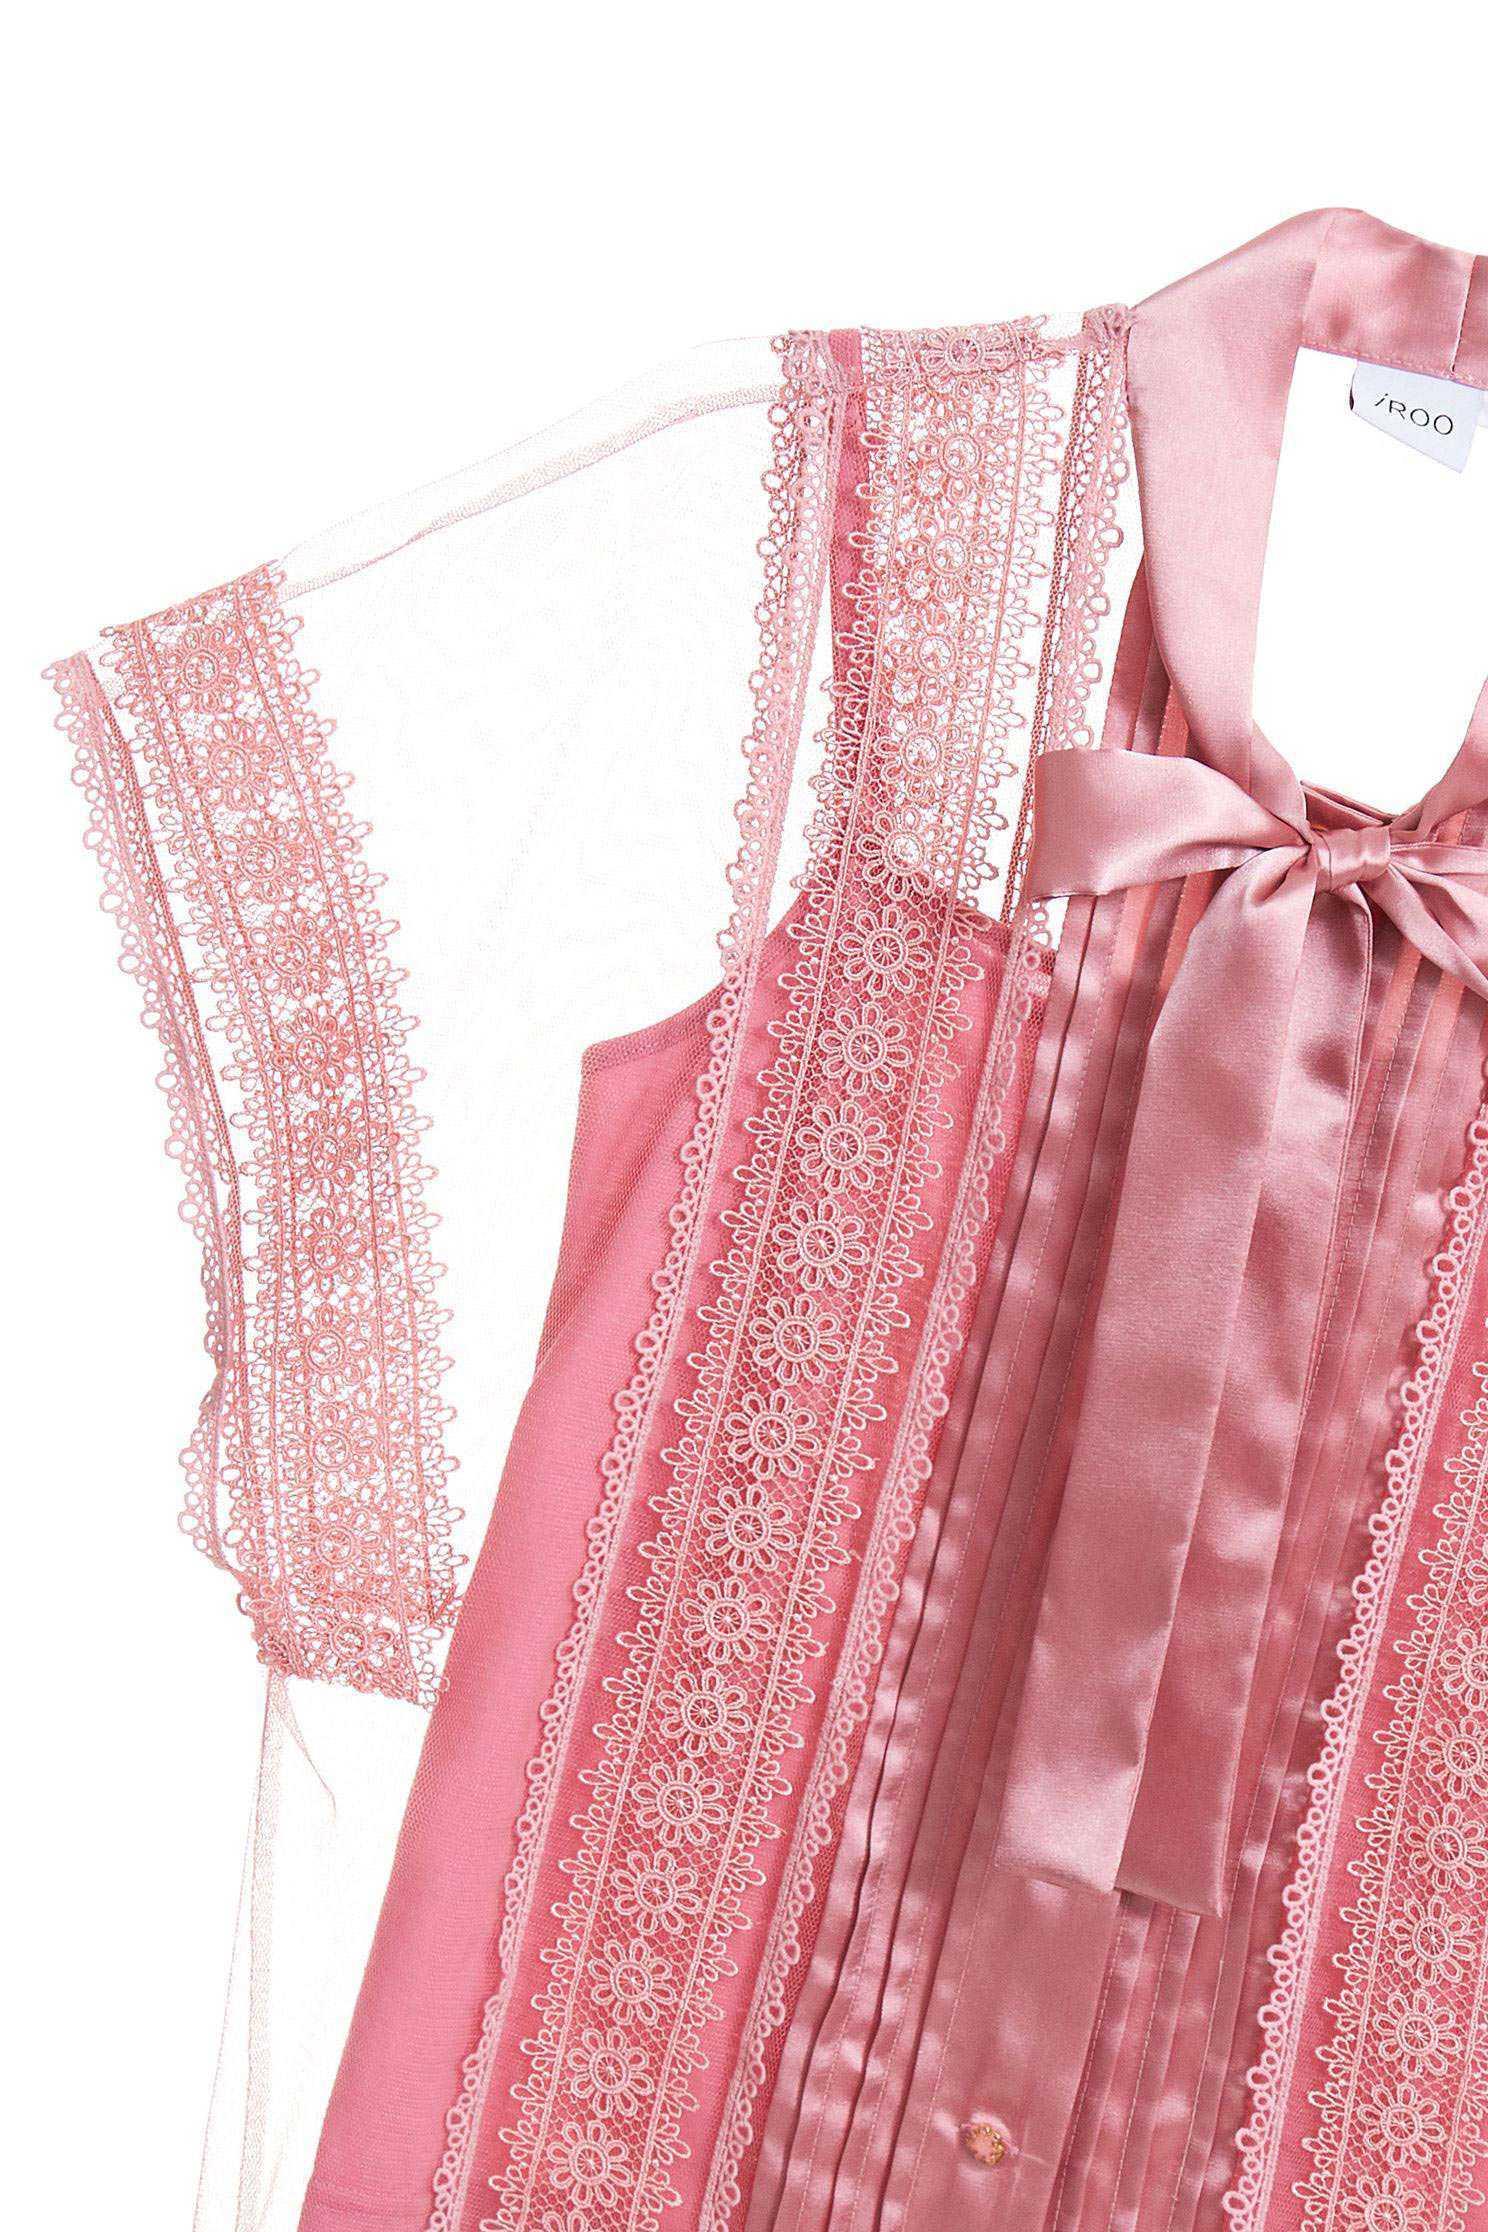 民族風繡花女人設計上衣,上衣,刺繡,刺繡上衣,秋冬穿搭,網紗,繡花,繡花上衣,蕾絲,蕾絲上衣,透膚上衣